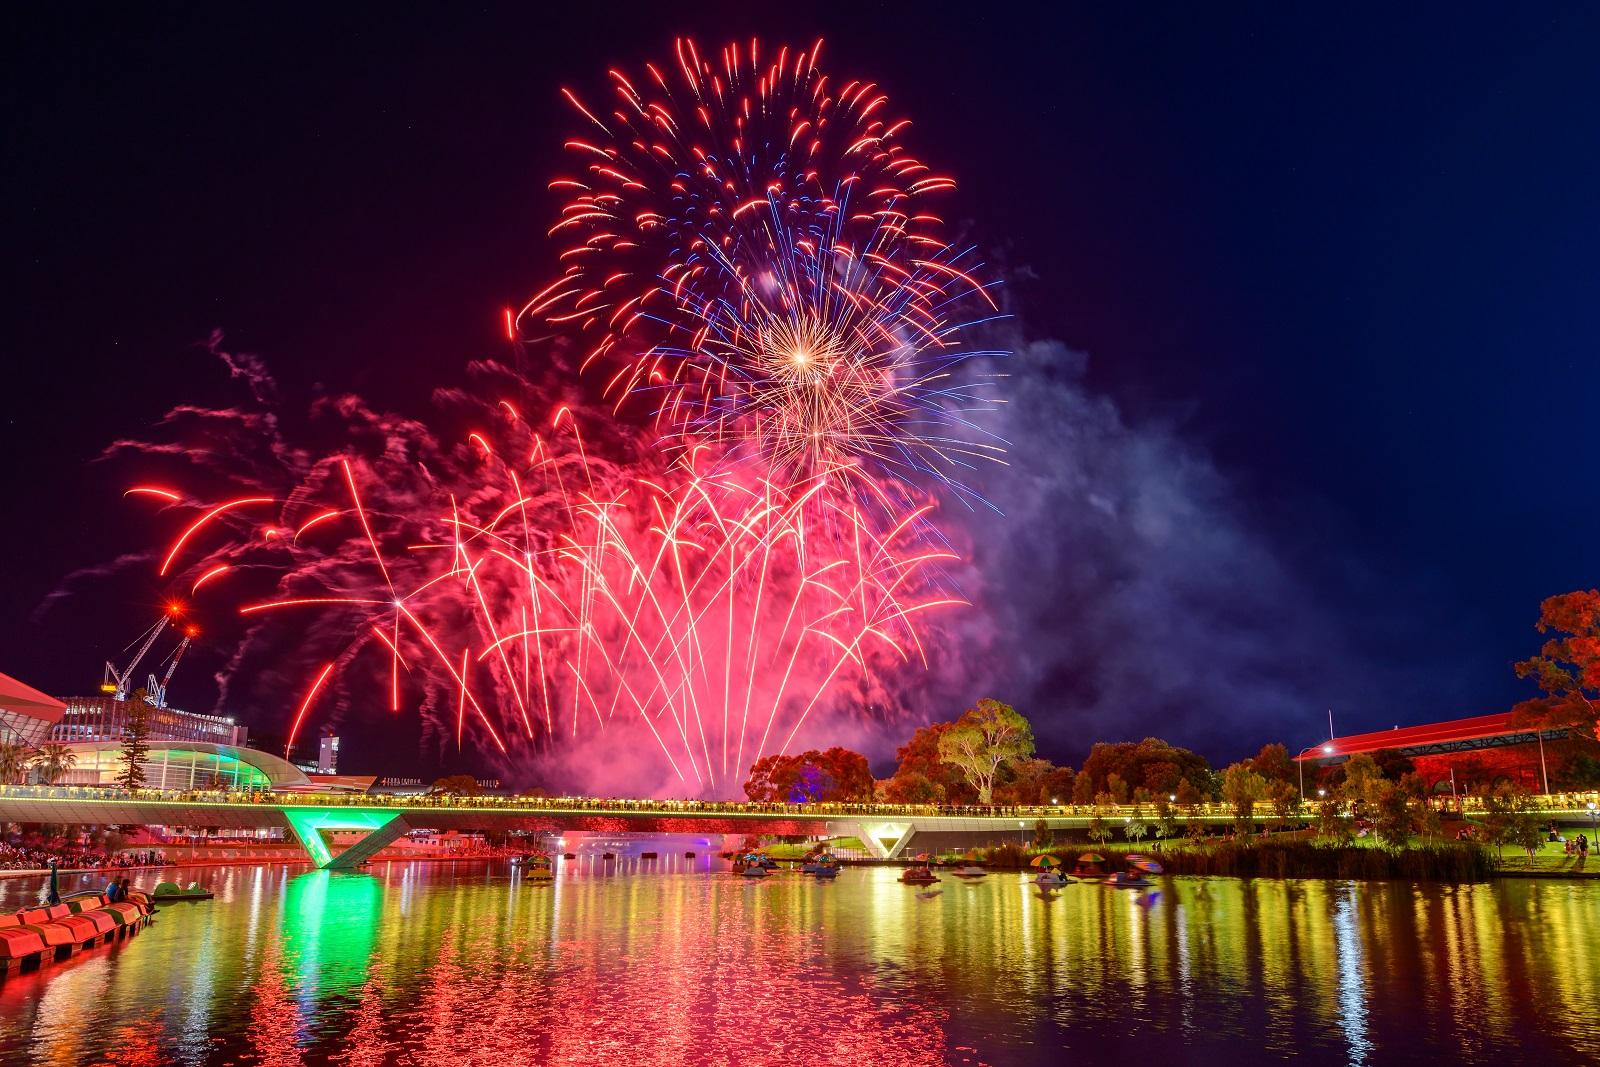 Australia Day fireworks in Adelaide